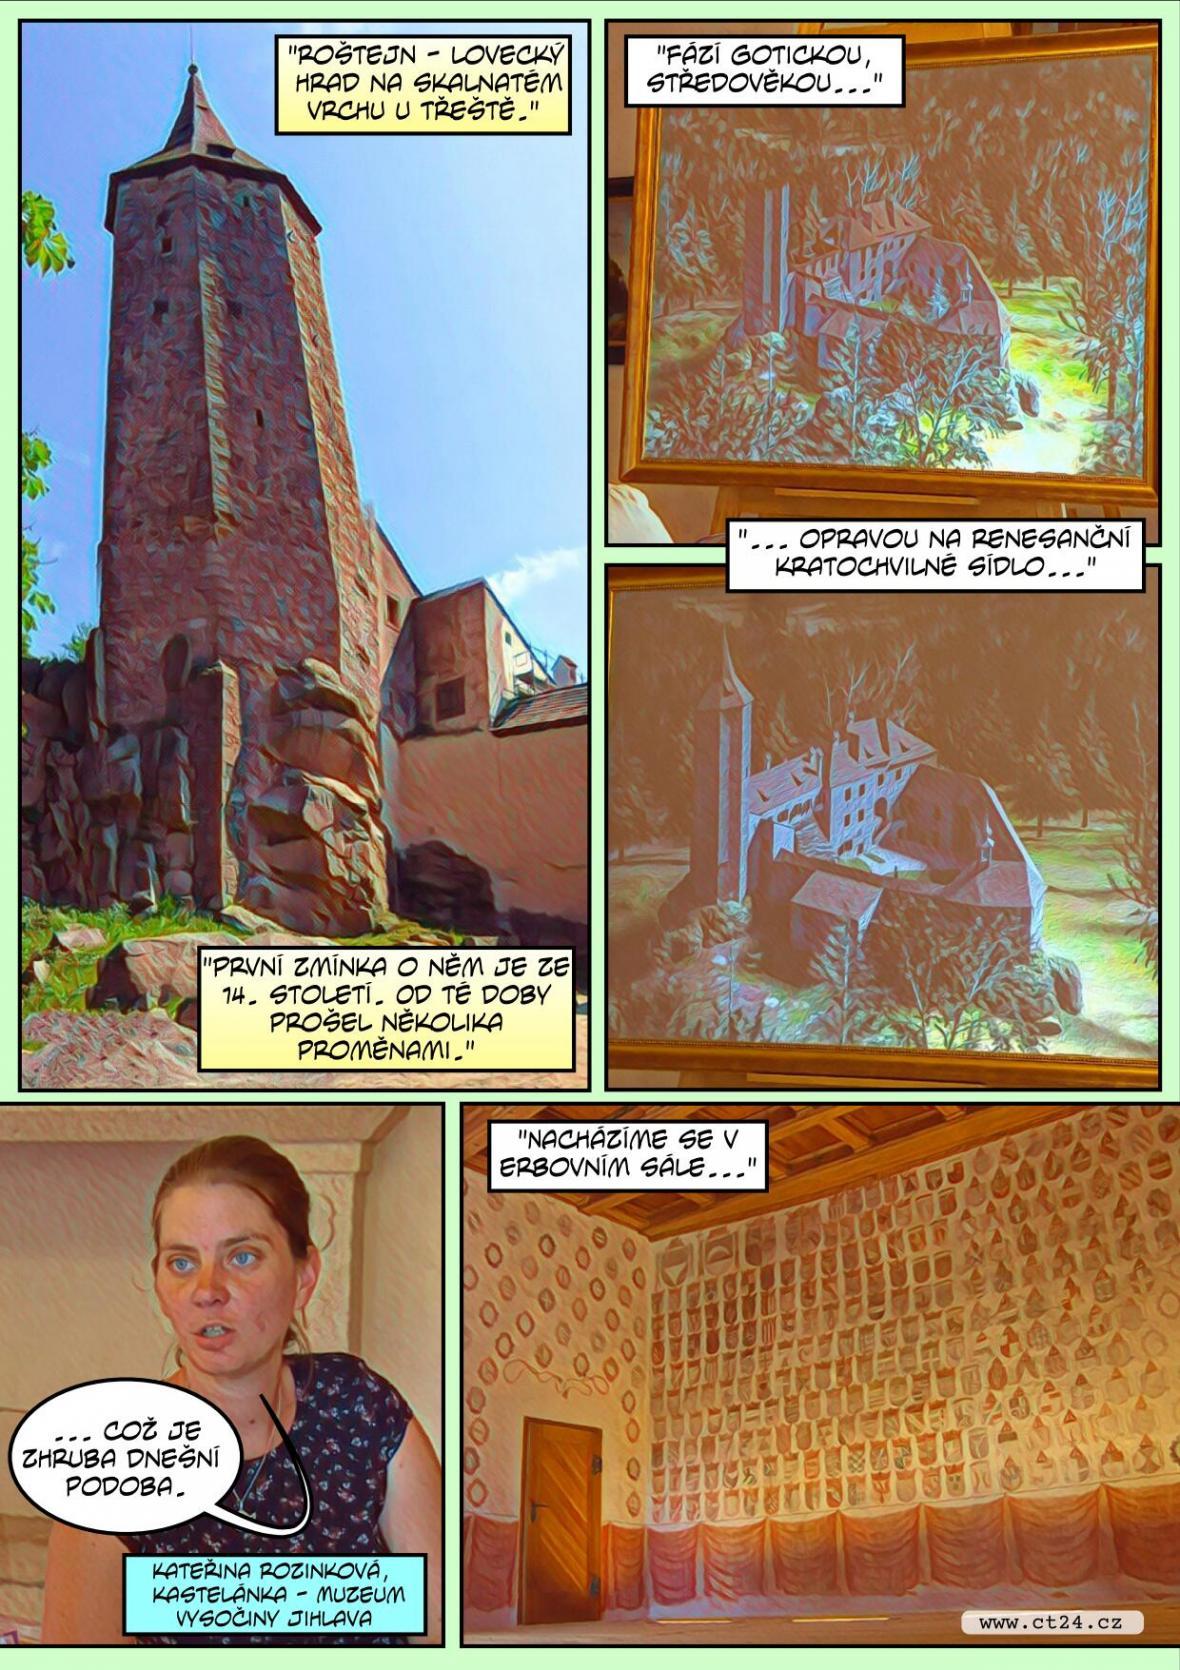 Komiks: Roštejn se otevírá veřejnosti